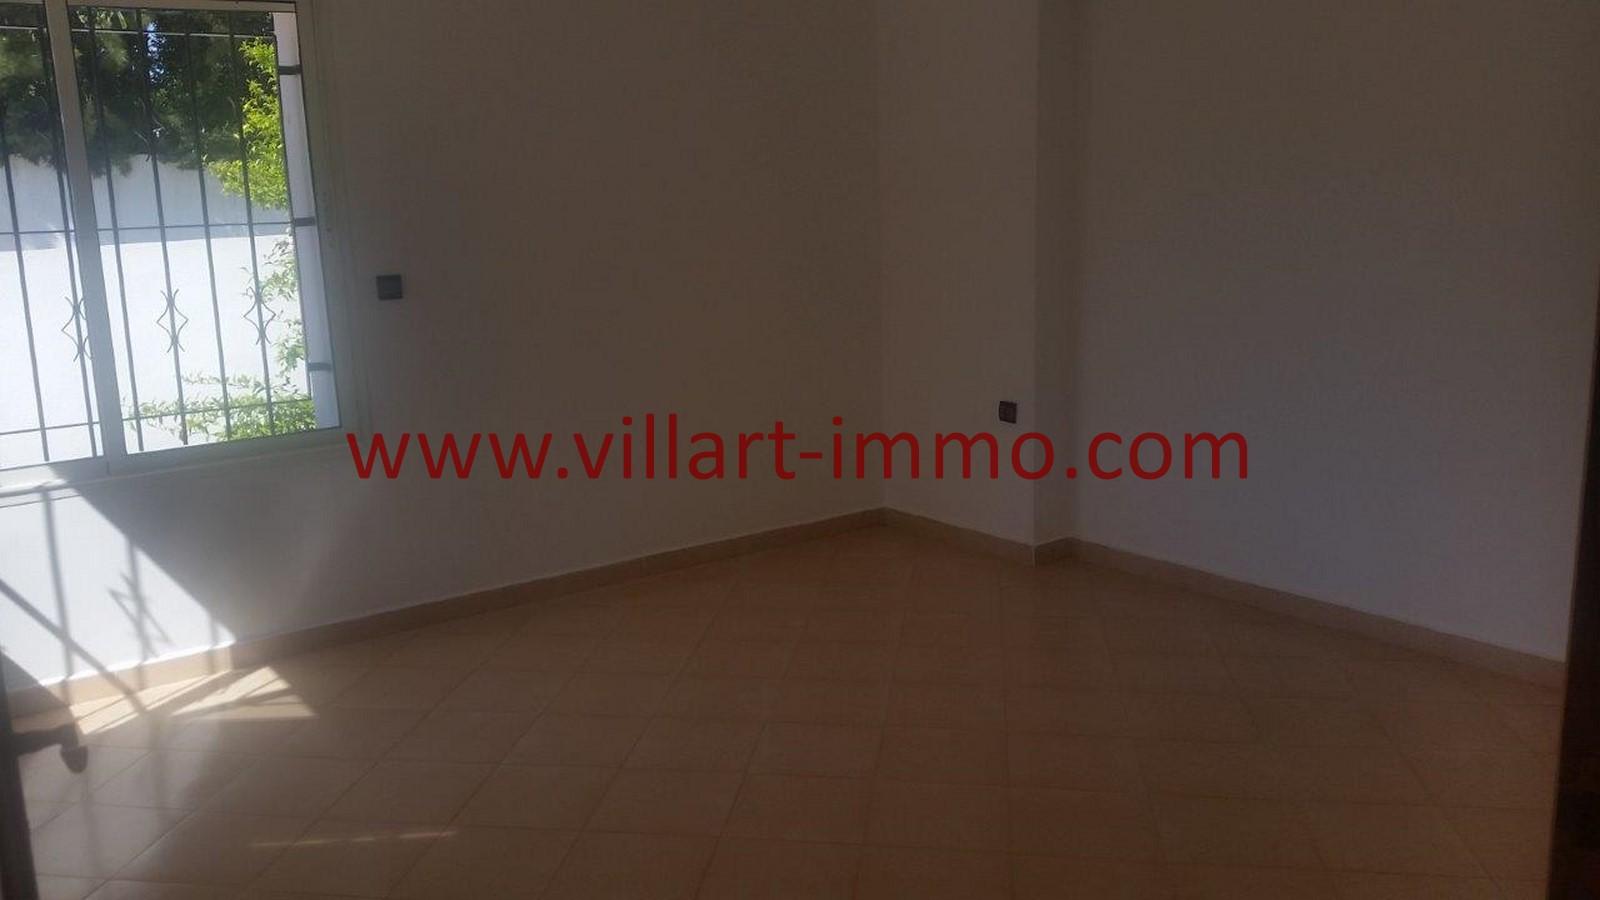 9-a-louer-villa-non-meuble-tanger-chambre-1-lv967-villart-immo